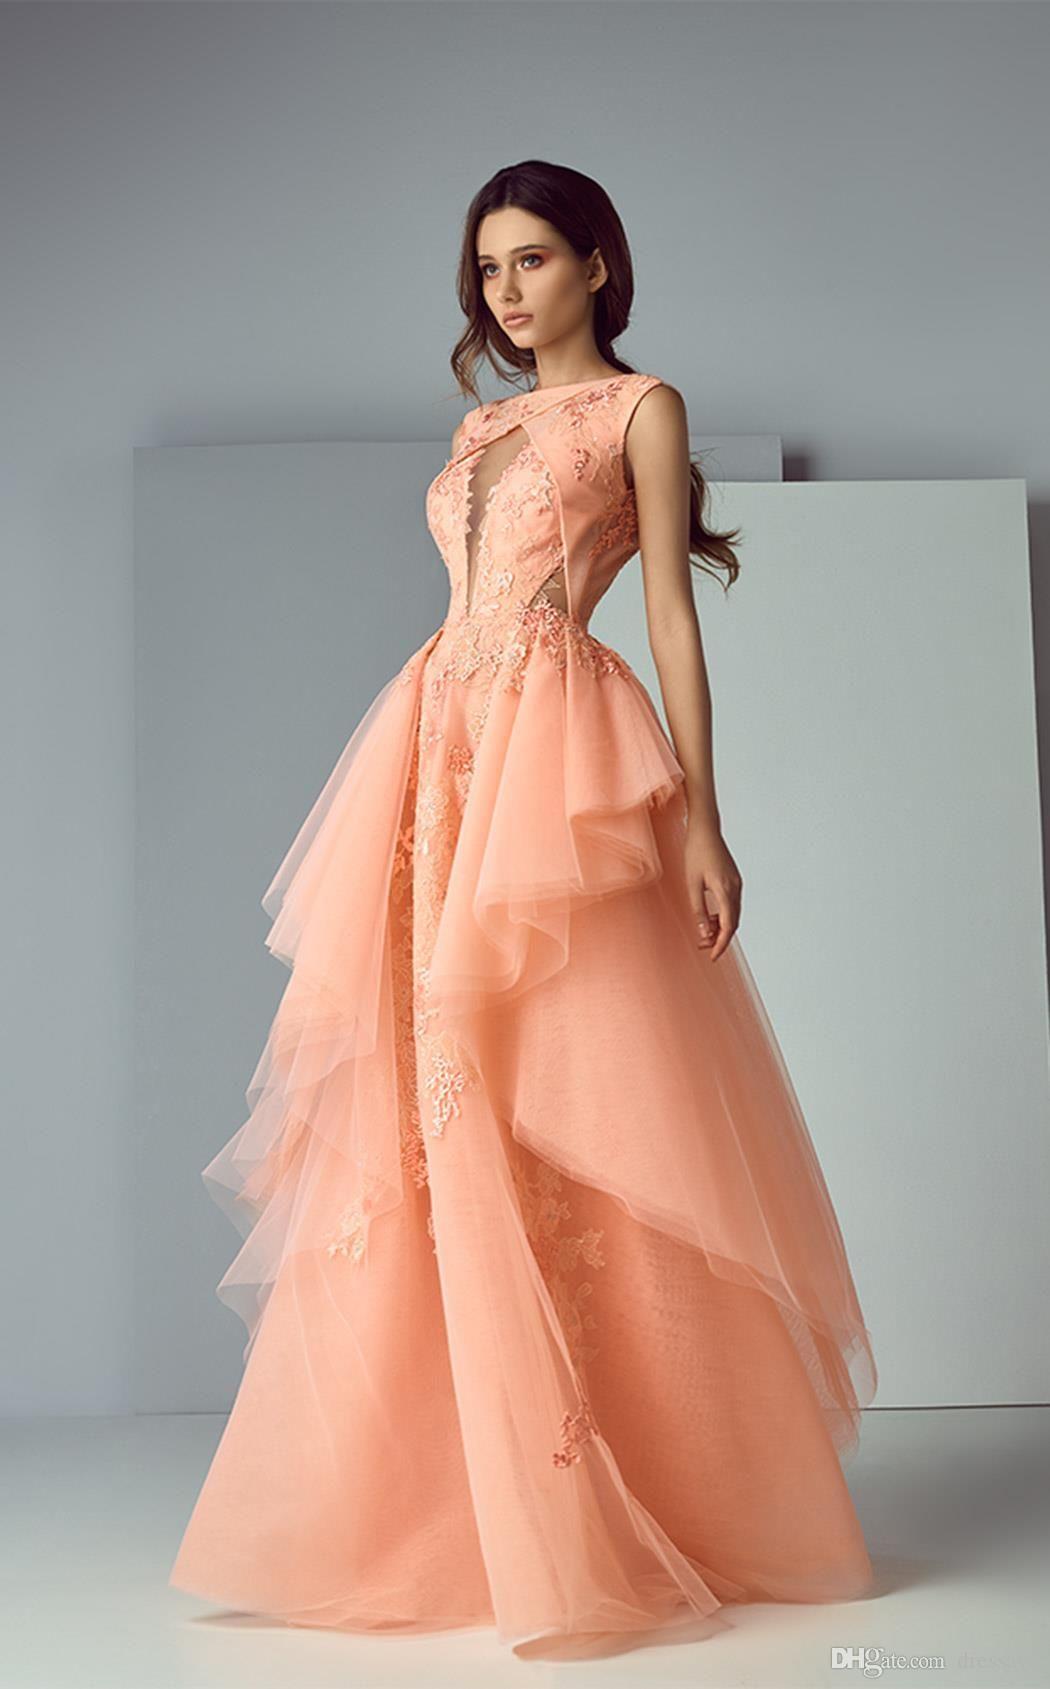 Großhandel 13 Vintage Arabisch Abendkleider Spitze Applique Boot  Ausschnitt Abendkleid Sleeveless Bodenlangen Rüschen Festzug Kleider Von  Dressave,